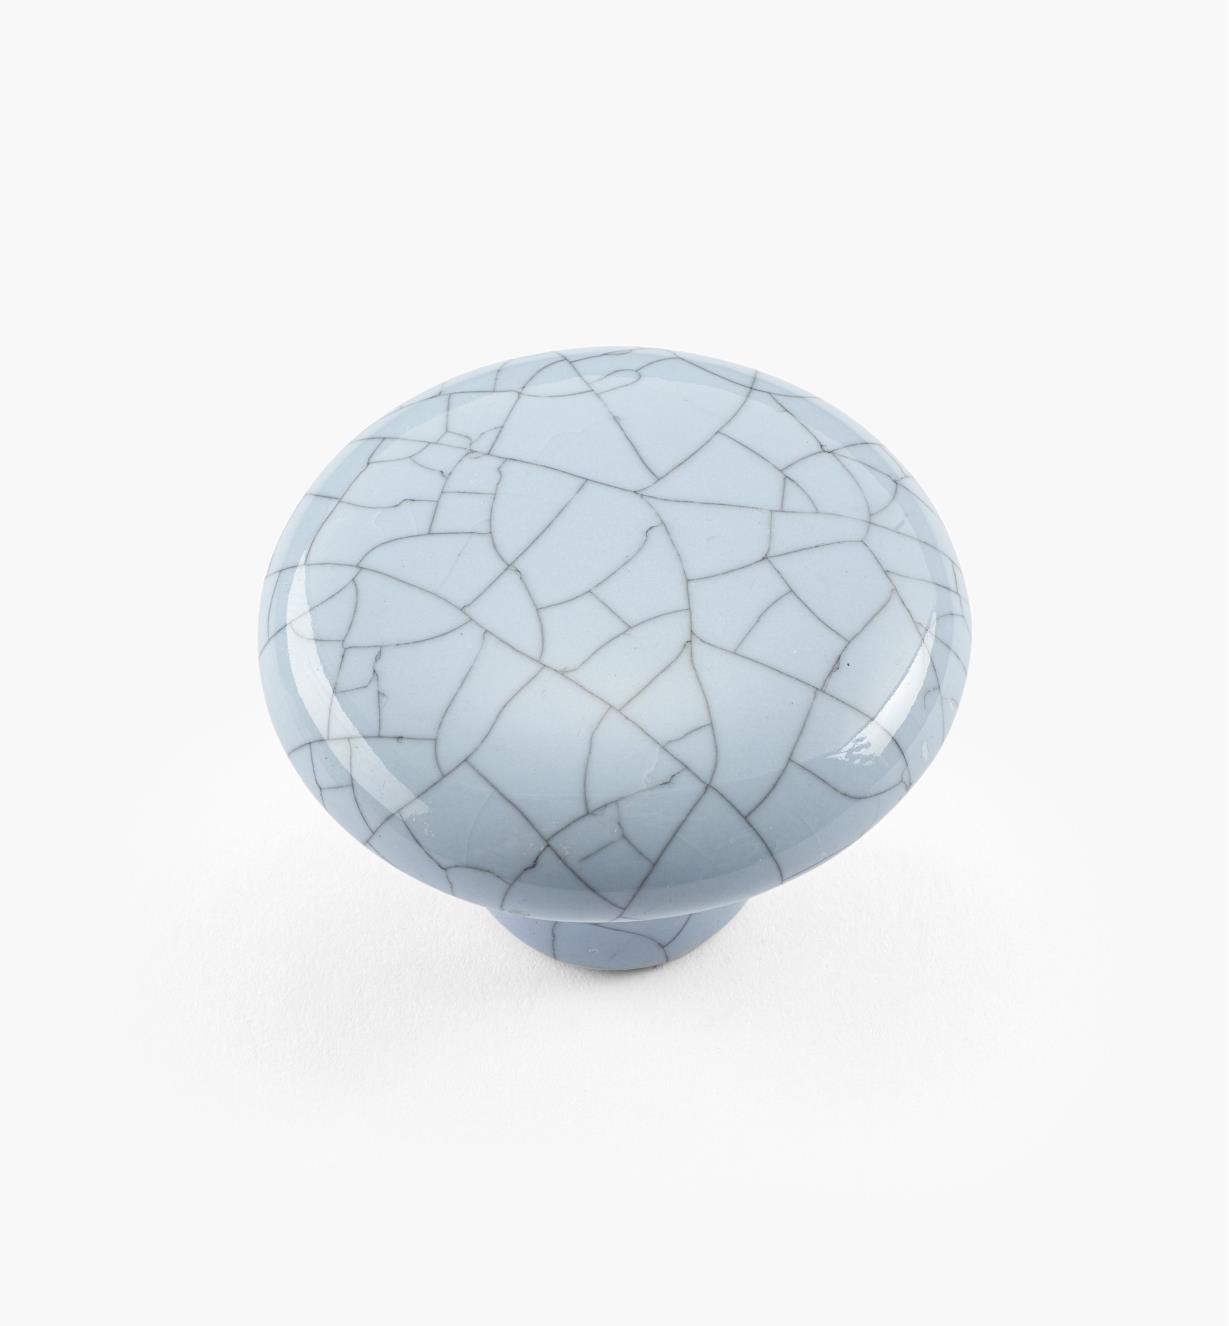 00W5213 - Bouton rond en céramique, série Craquelé, bleu, 1 1/2 po x 1 1/16 po